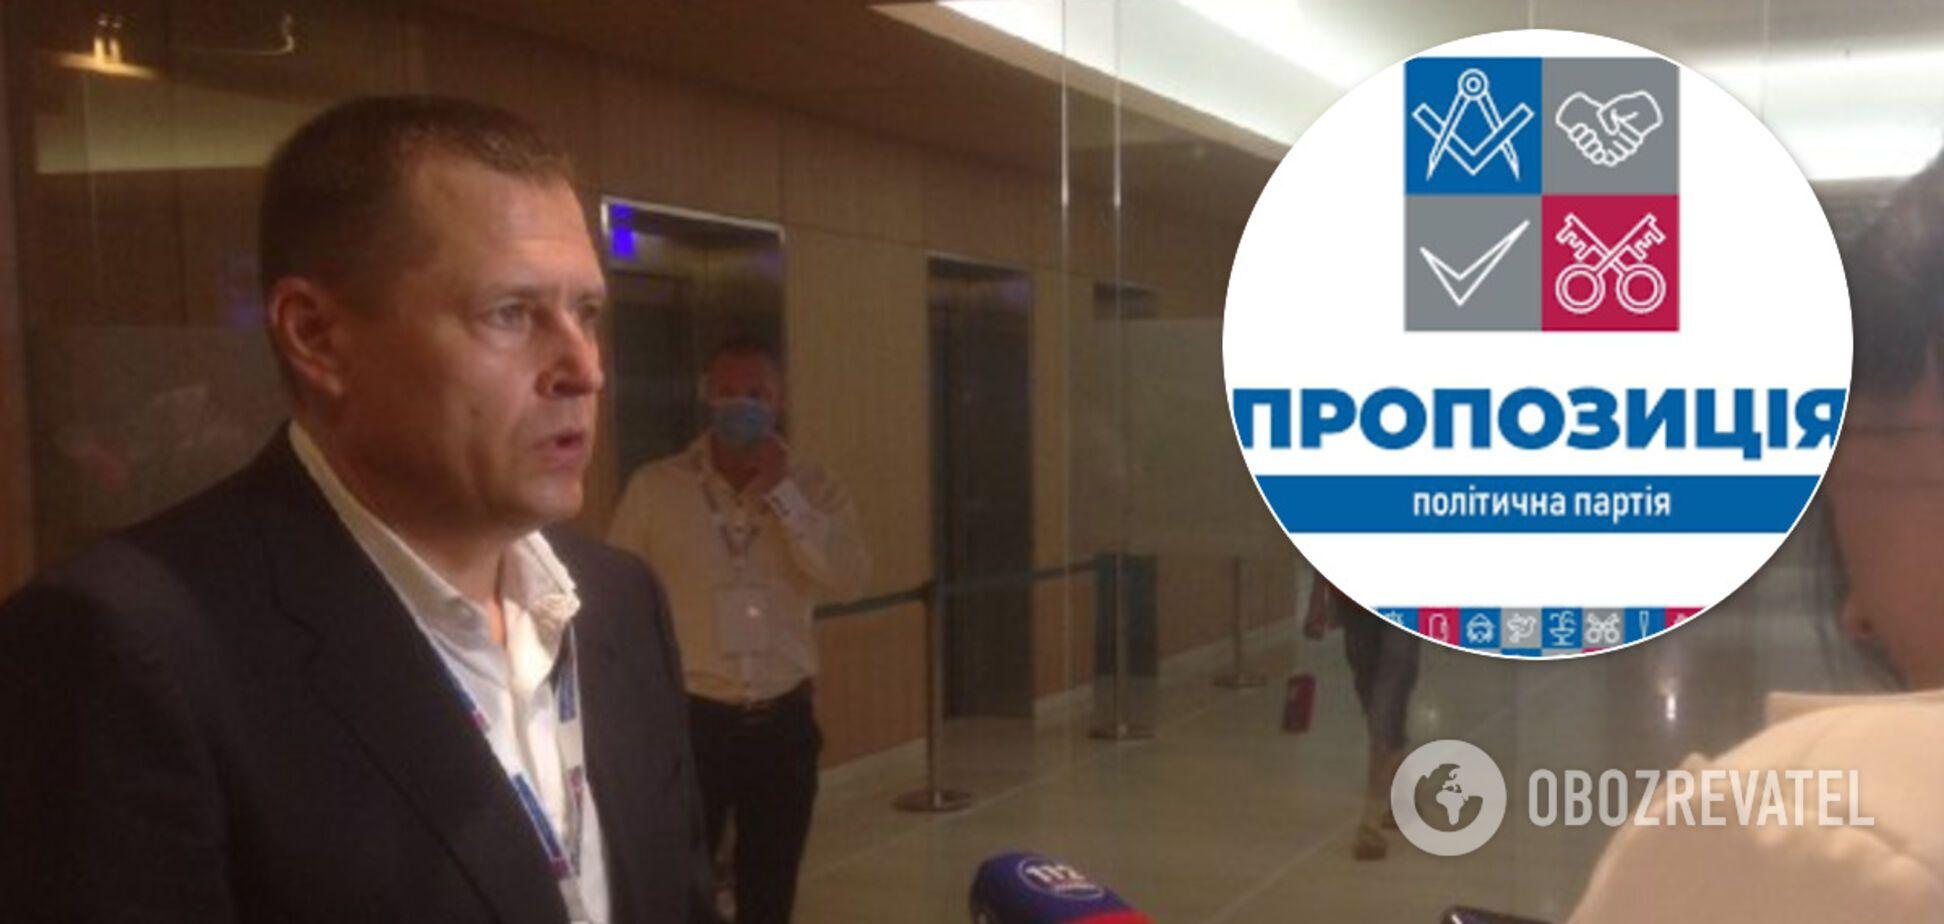 У Києві відбувся перший з'їзд партії 'Пропозиція': ексклюзивні деталі та фото